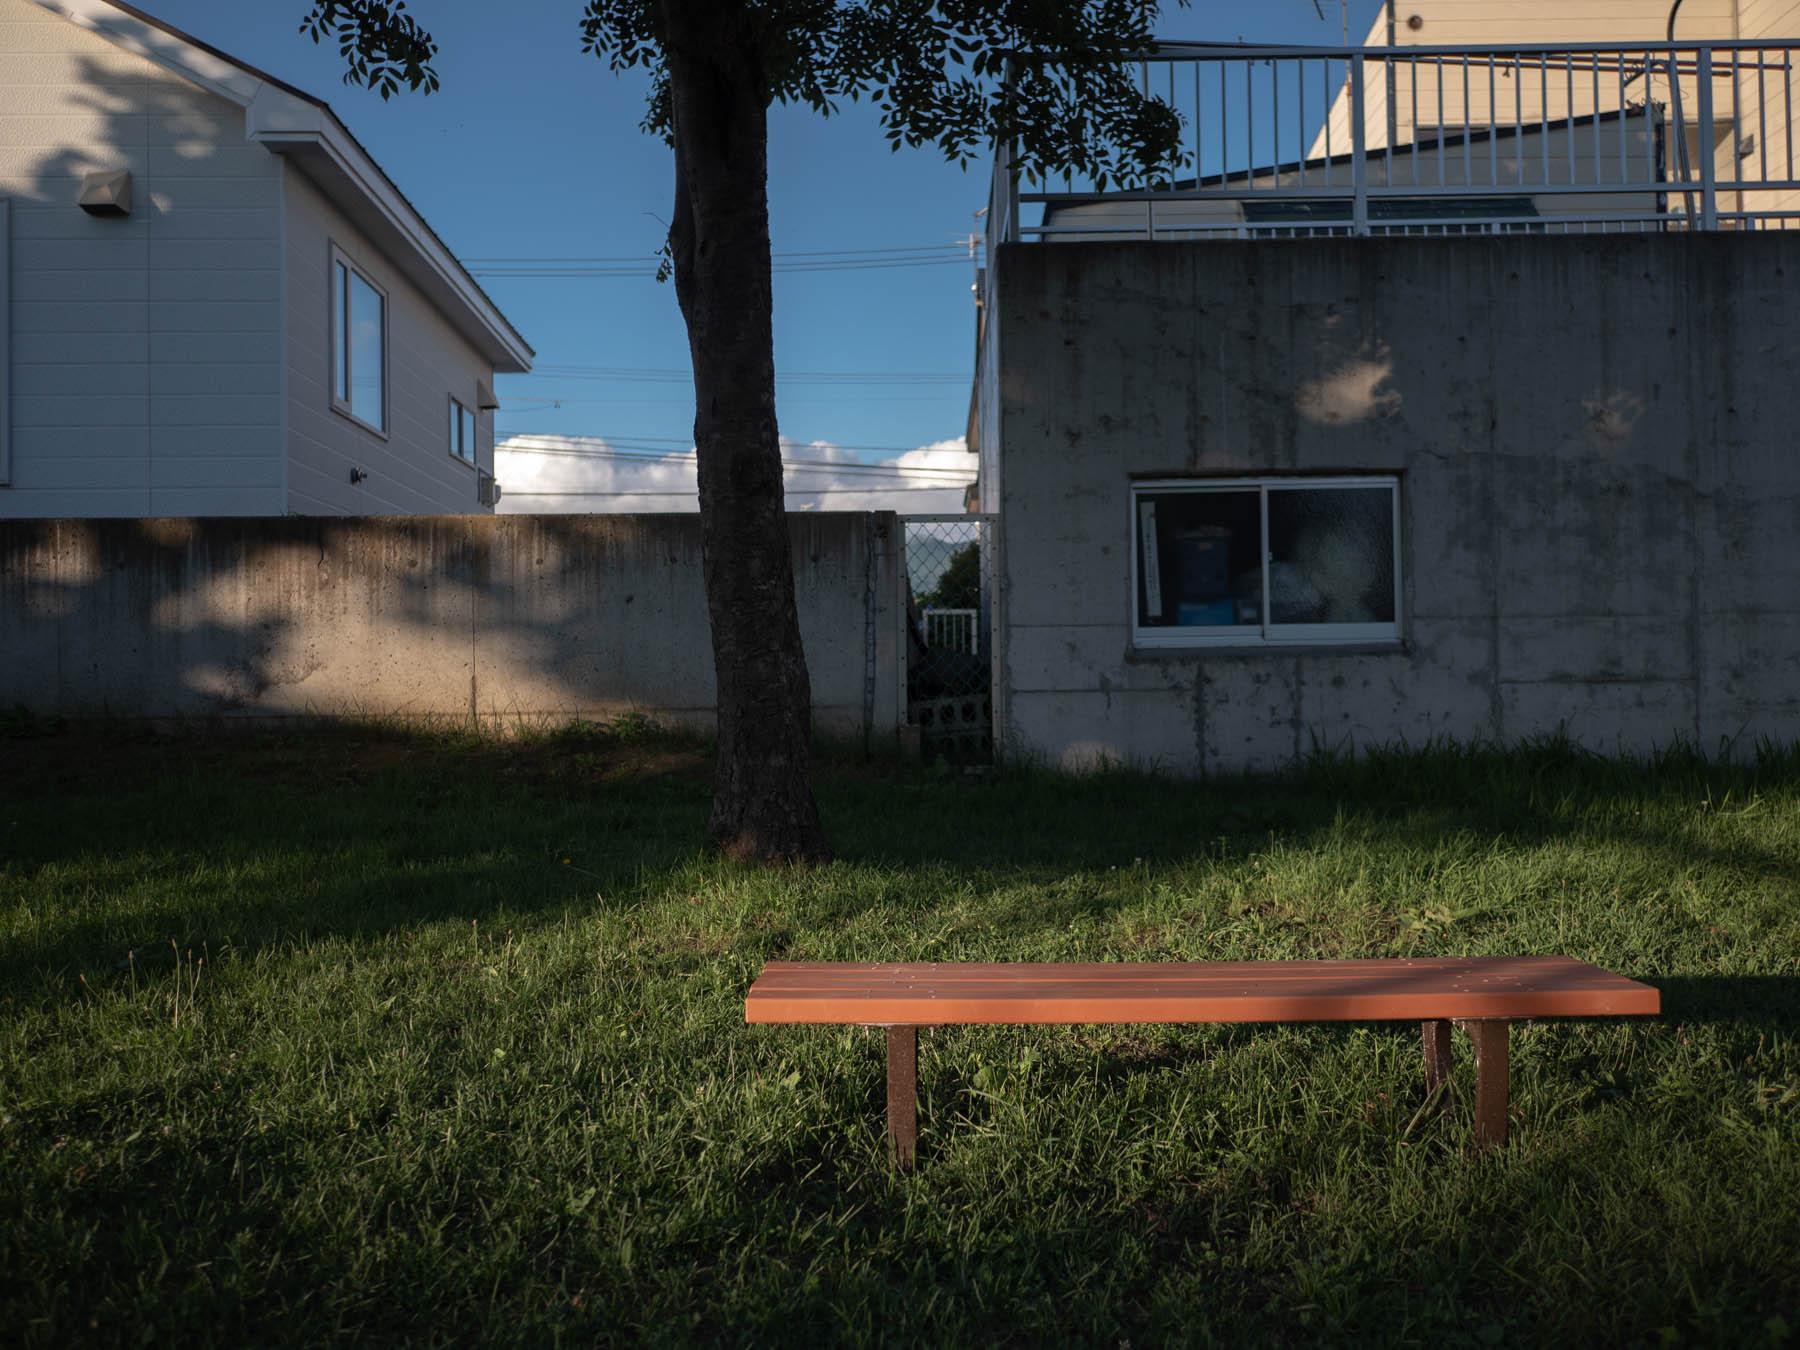 夕陽のスポットライトを浴びるレッドブラウンのベンチ